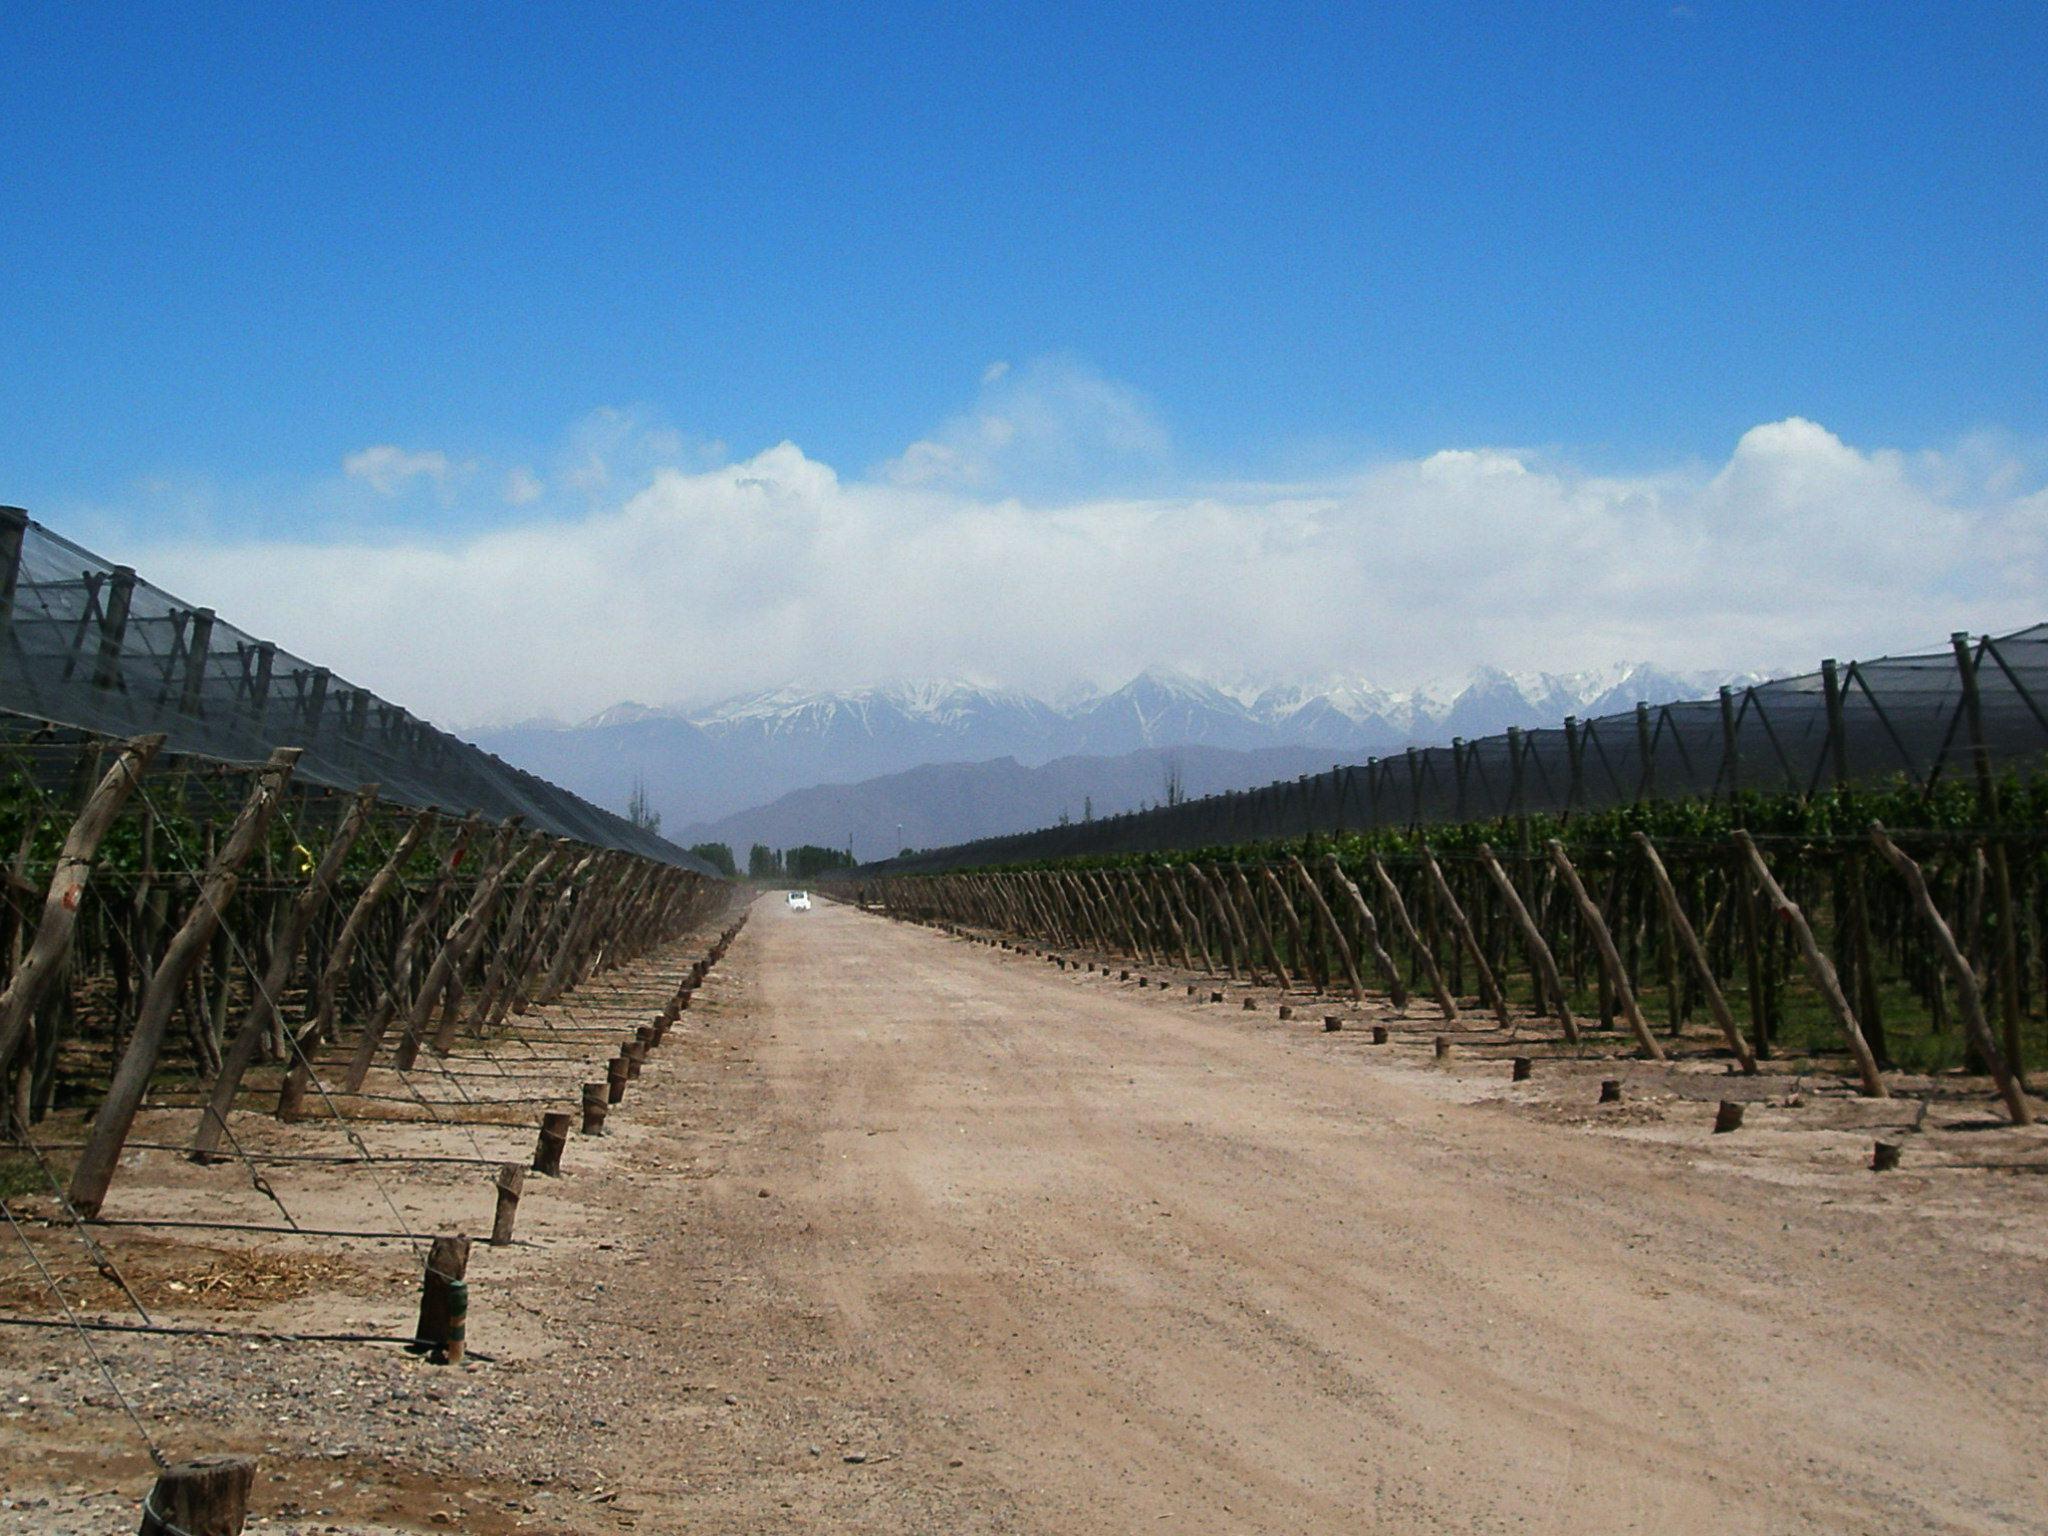 Andes Mountains Mendoza Mendoza/ Andes & Wine Trip